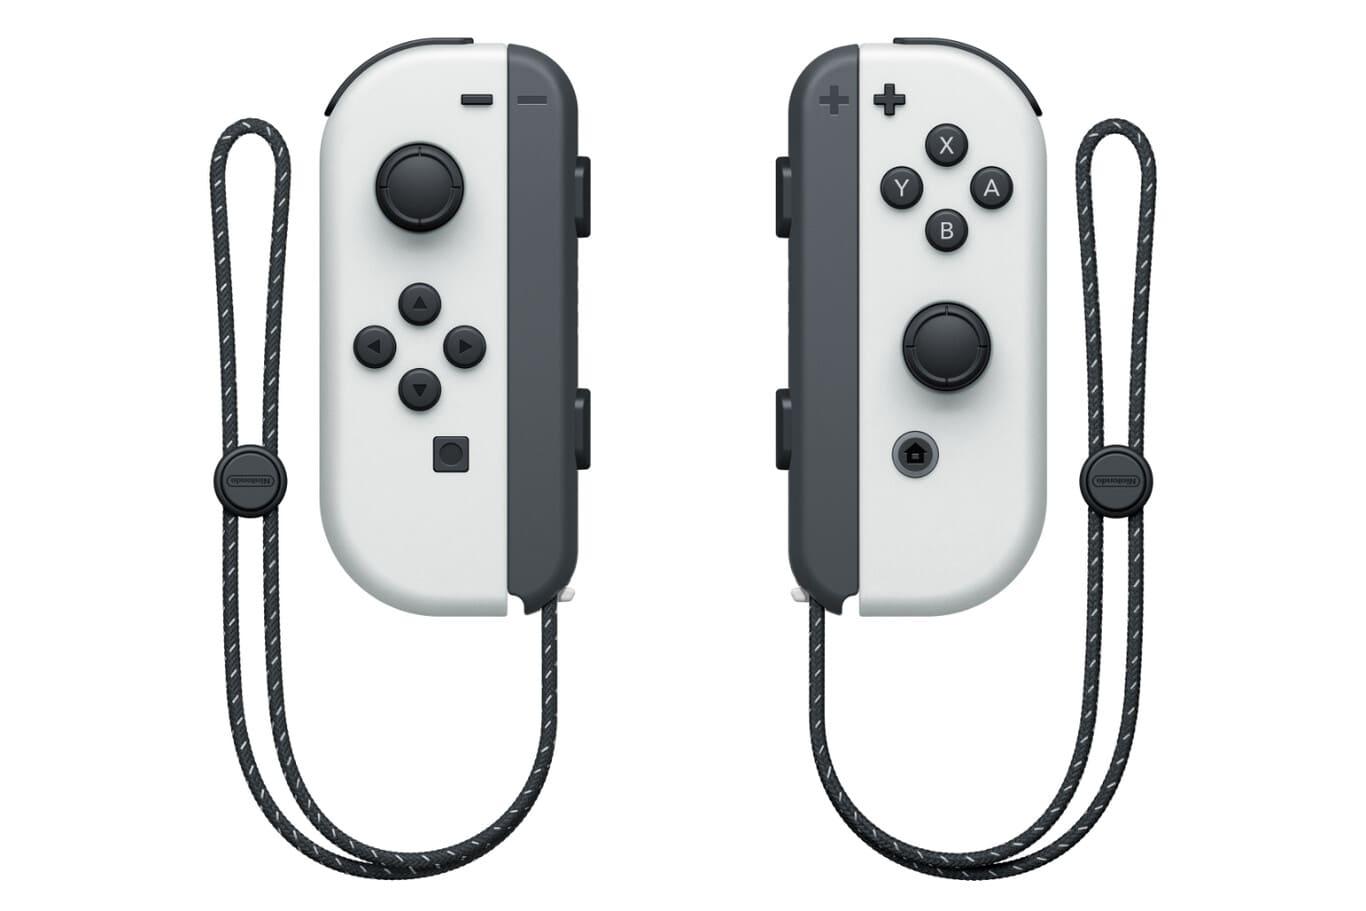 joycons-nintendo-switch-oled